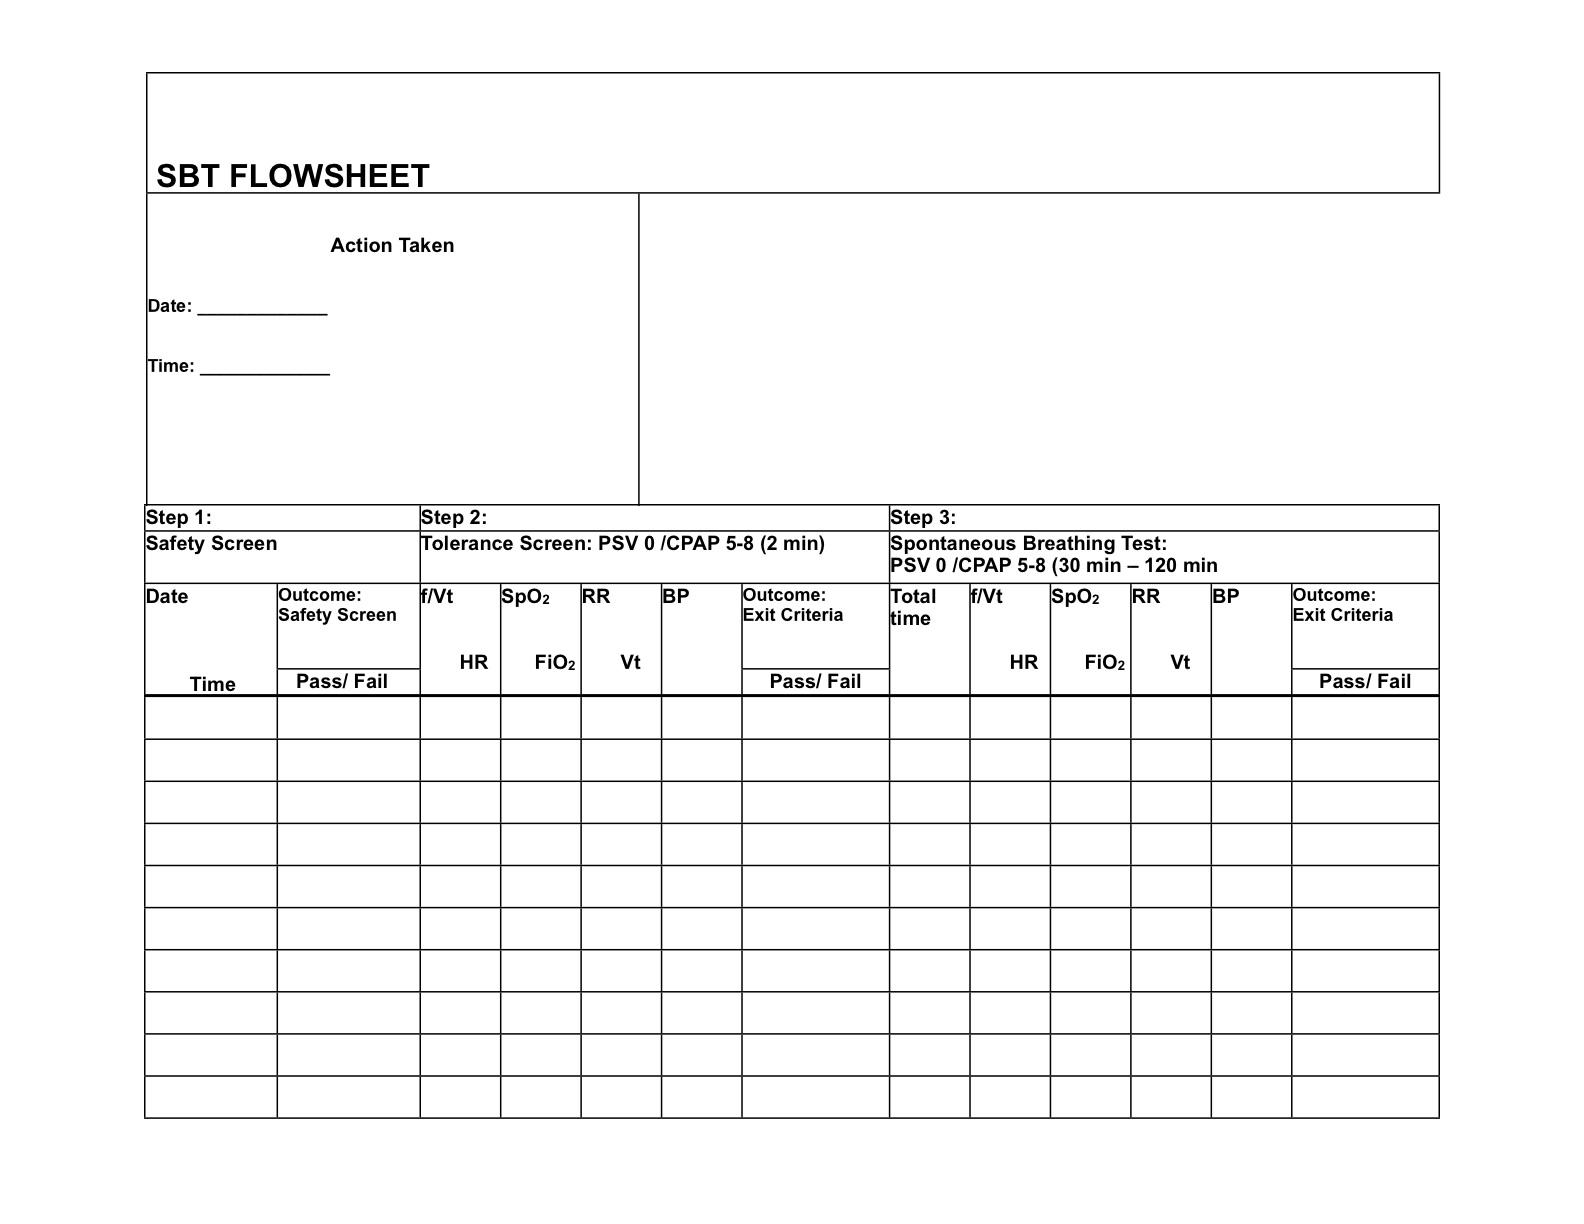 Ventilator Flow Sheet Sample : Spontaneous breathing trial worksheet